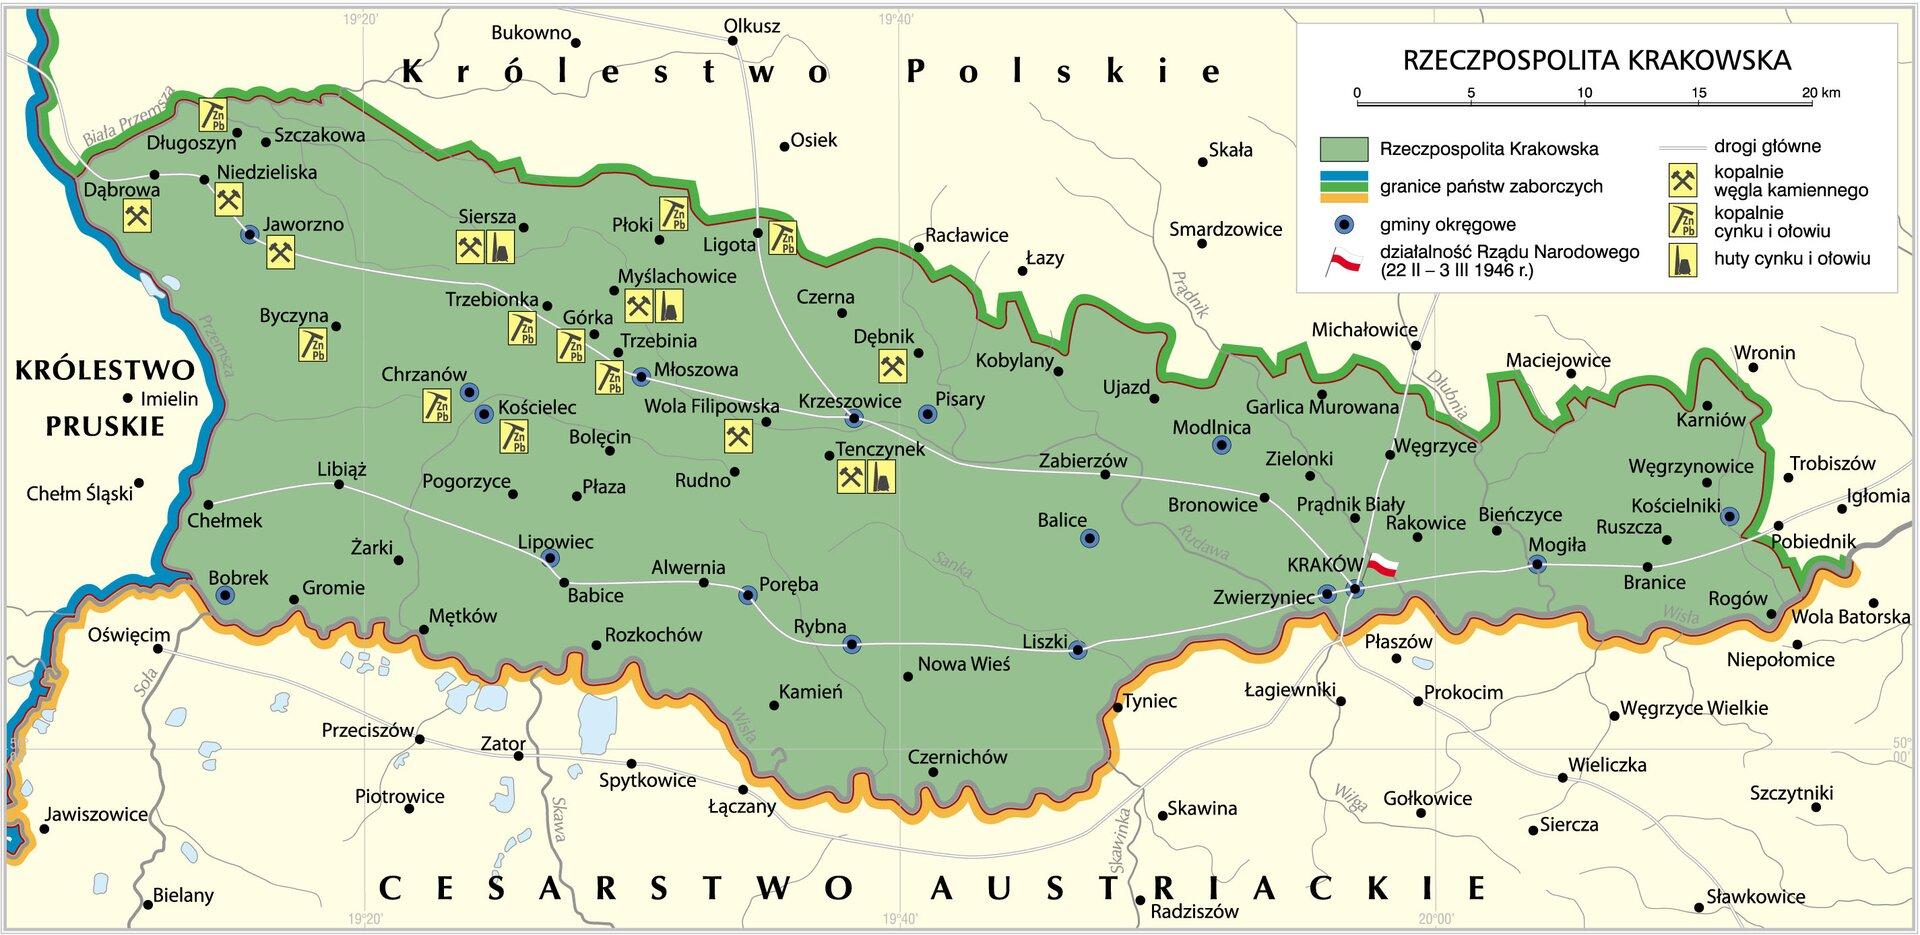 Rzeczpospolita Krakowska 1815-1846 Źródło: Krystian Chariza izespół, Rzeczpospolita Krakowska 1815-1846, licencja: CC BY 3.0.